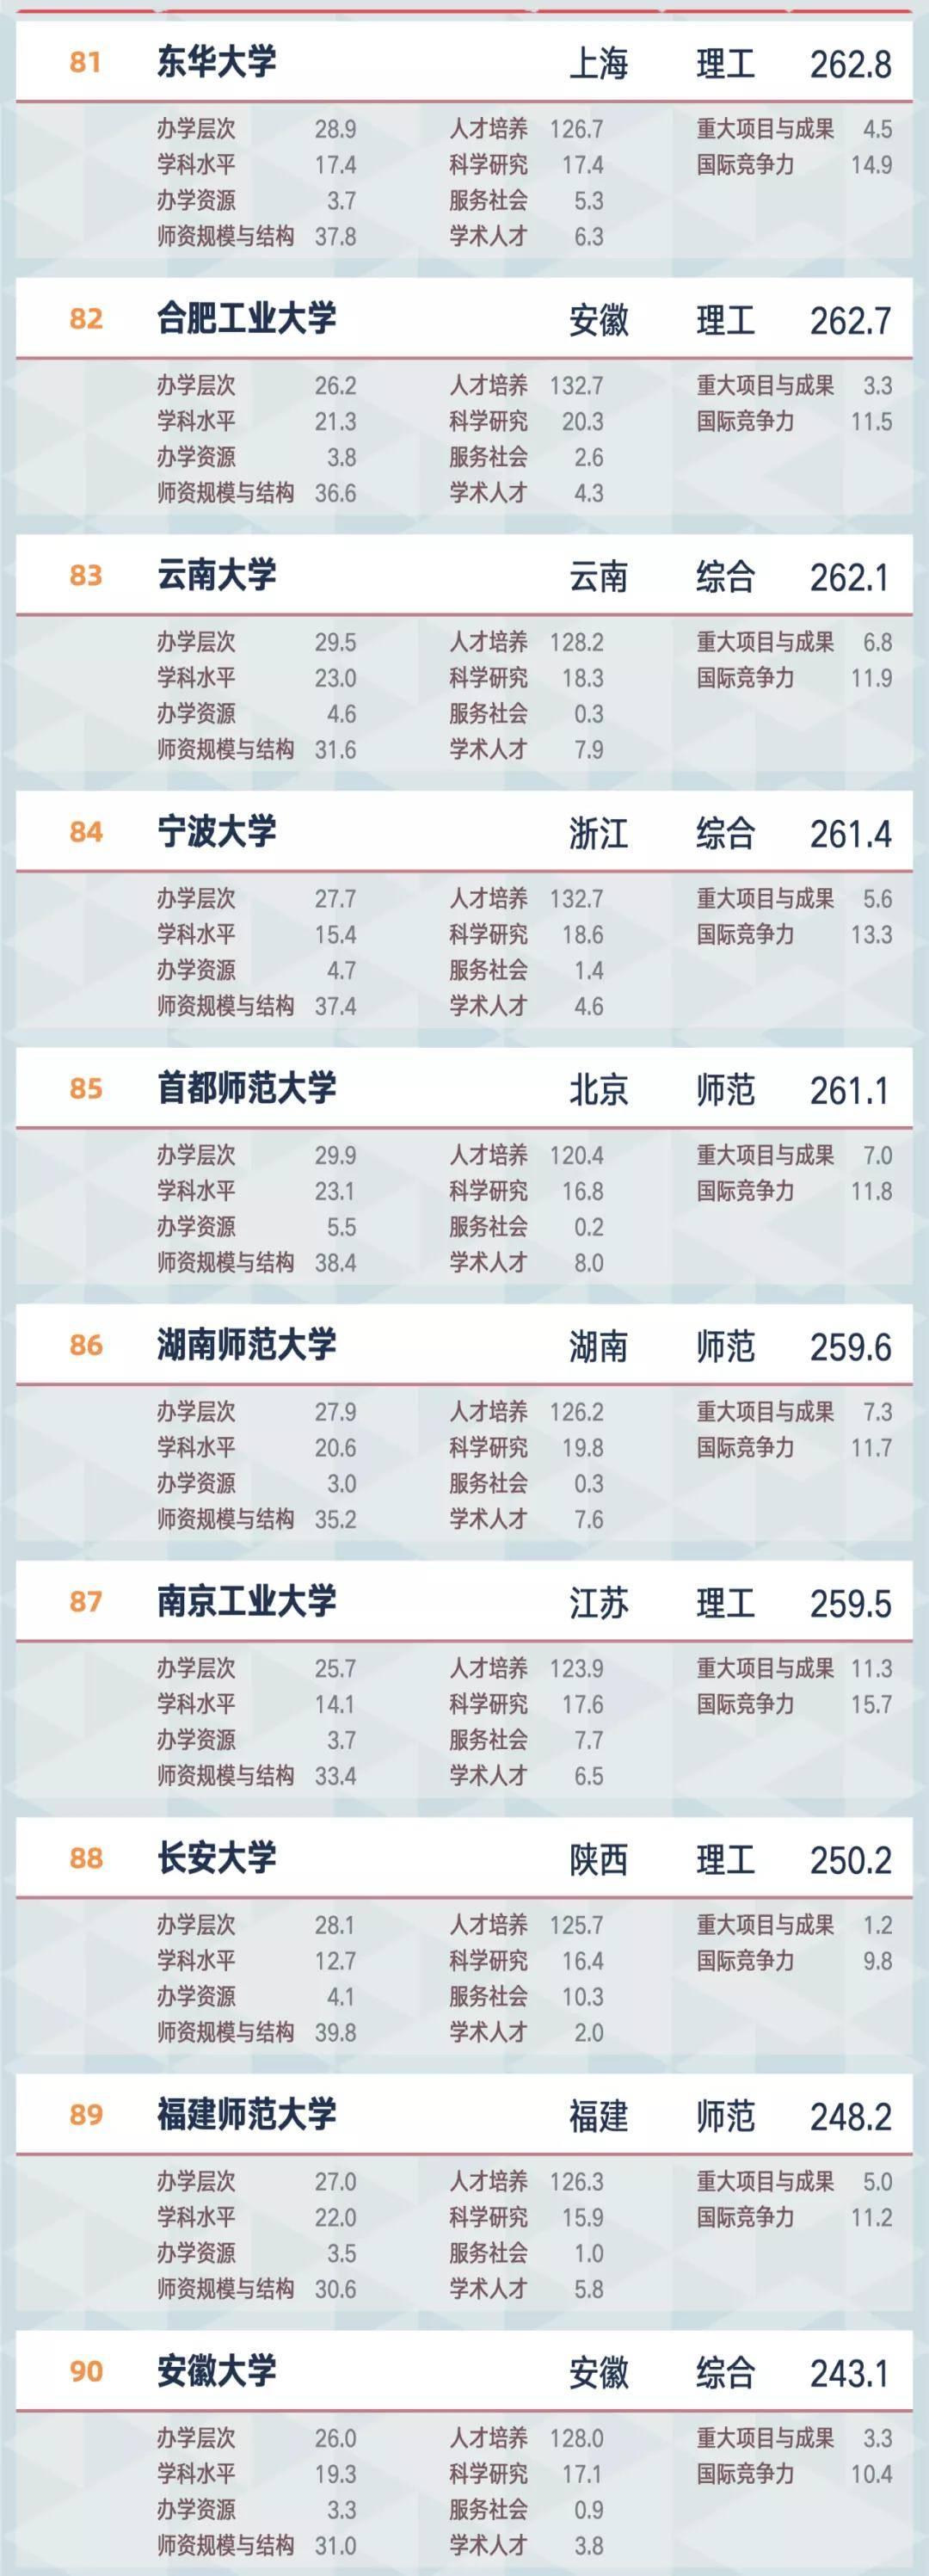 原创             2021软科中国大学排名出炉,你最关注哪所院校?